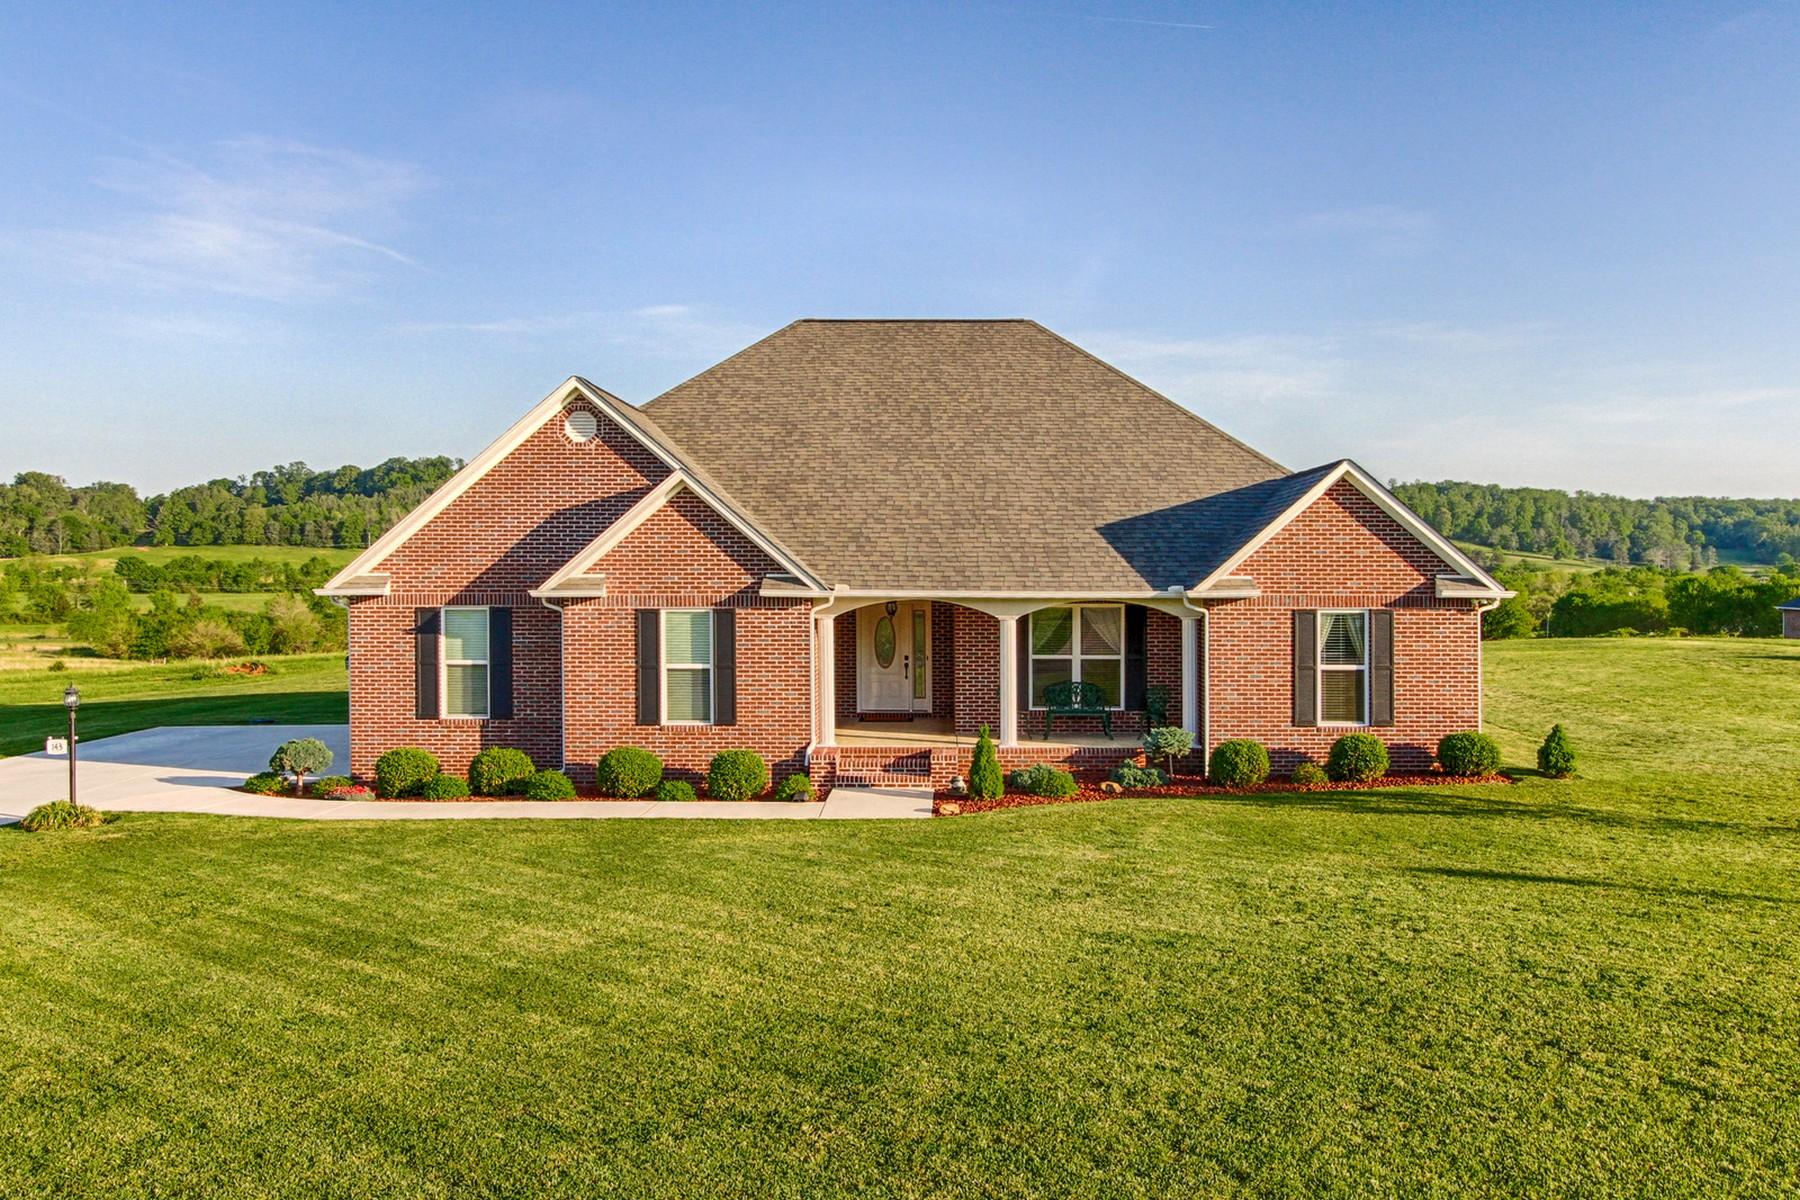 Casa para uma família para Venda às Custom Built All Brick Home 143 County Road 2600 Athens, Tennessee, 37303 Estados Unidos